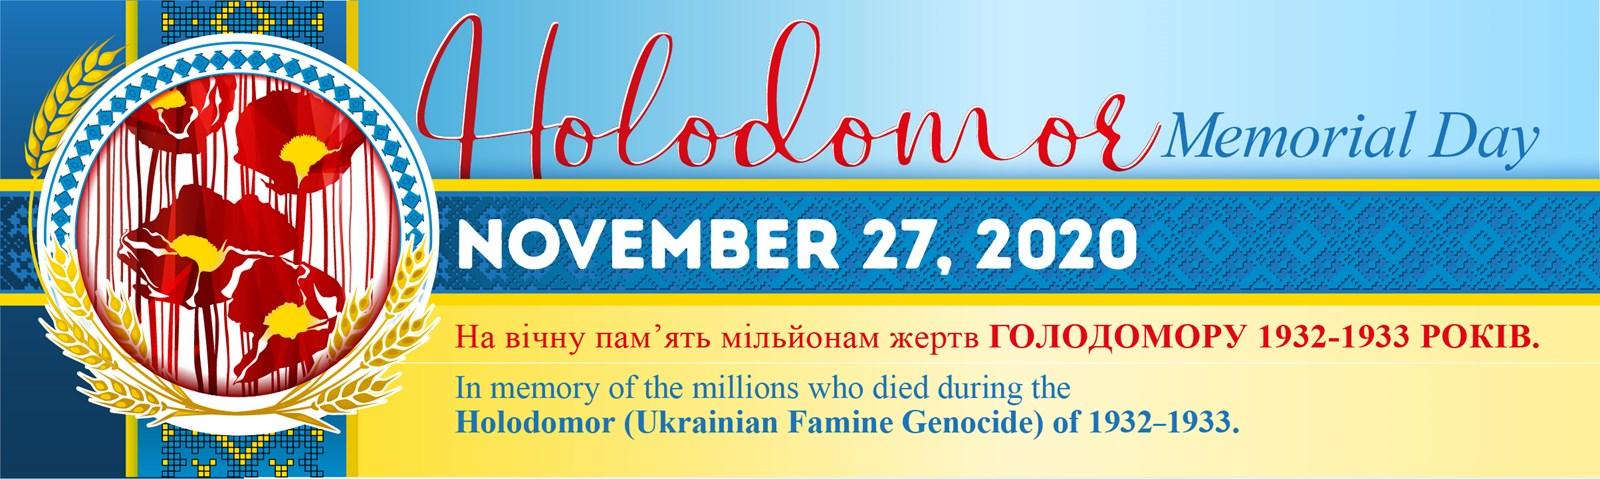 Holodomor-2020-01.jpg